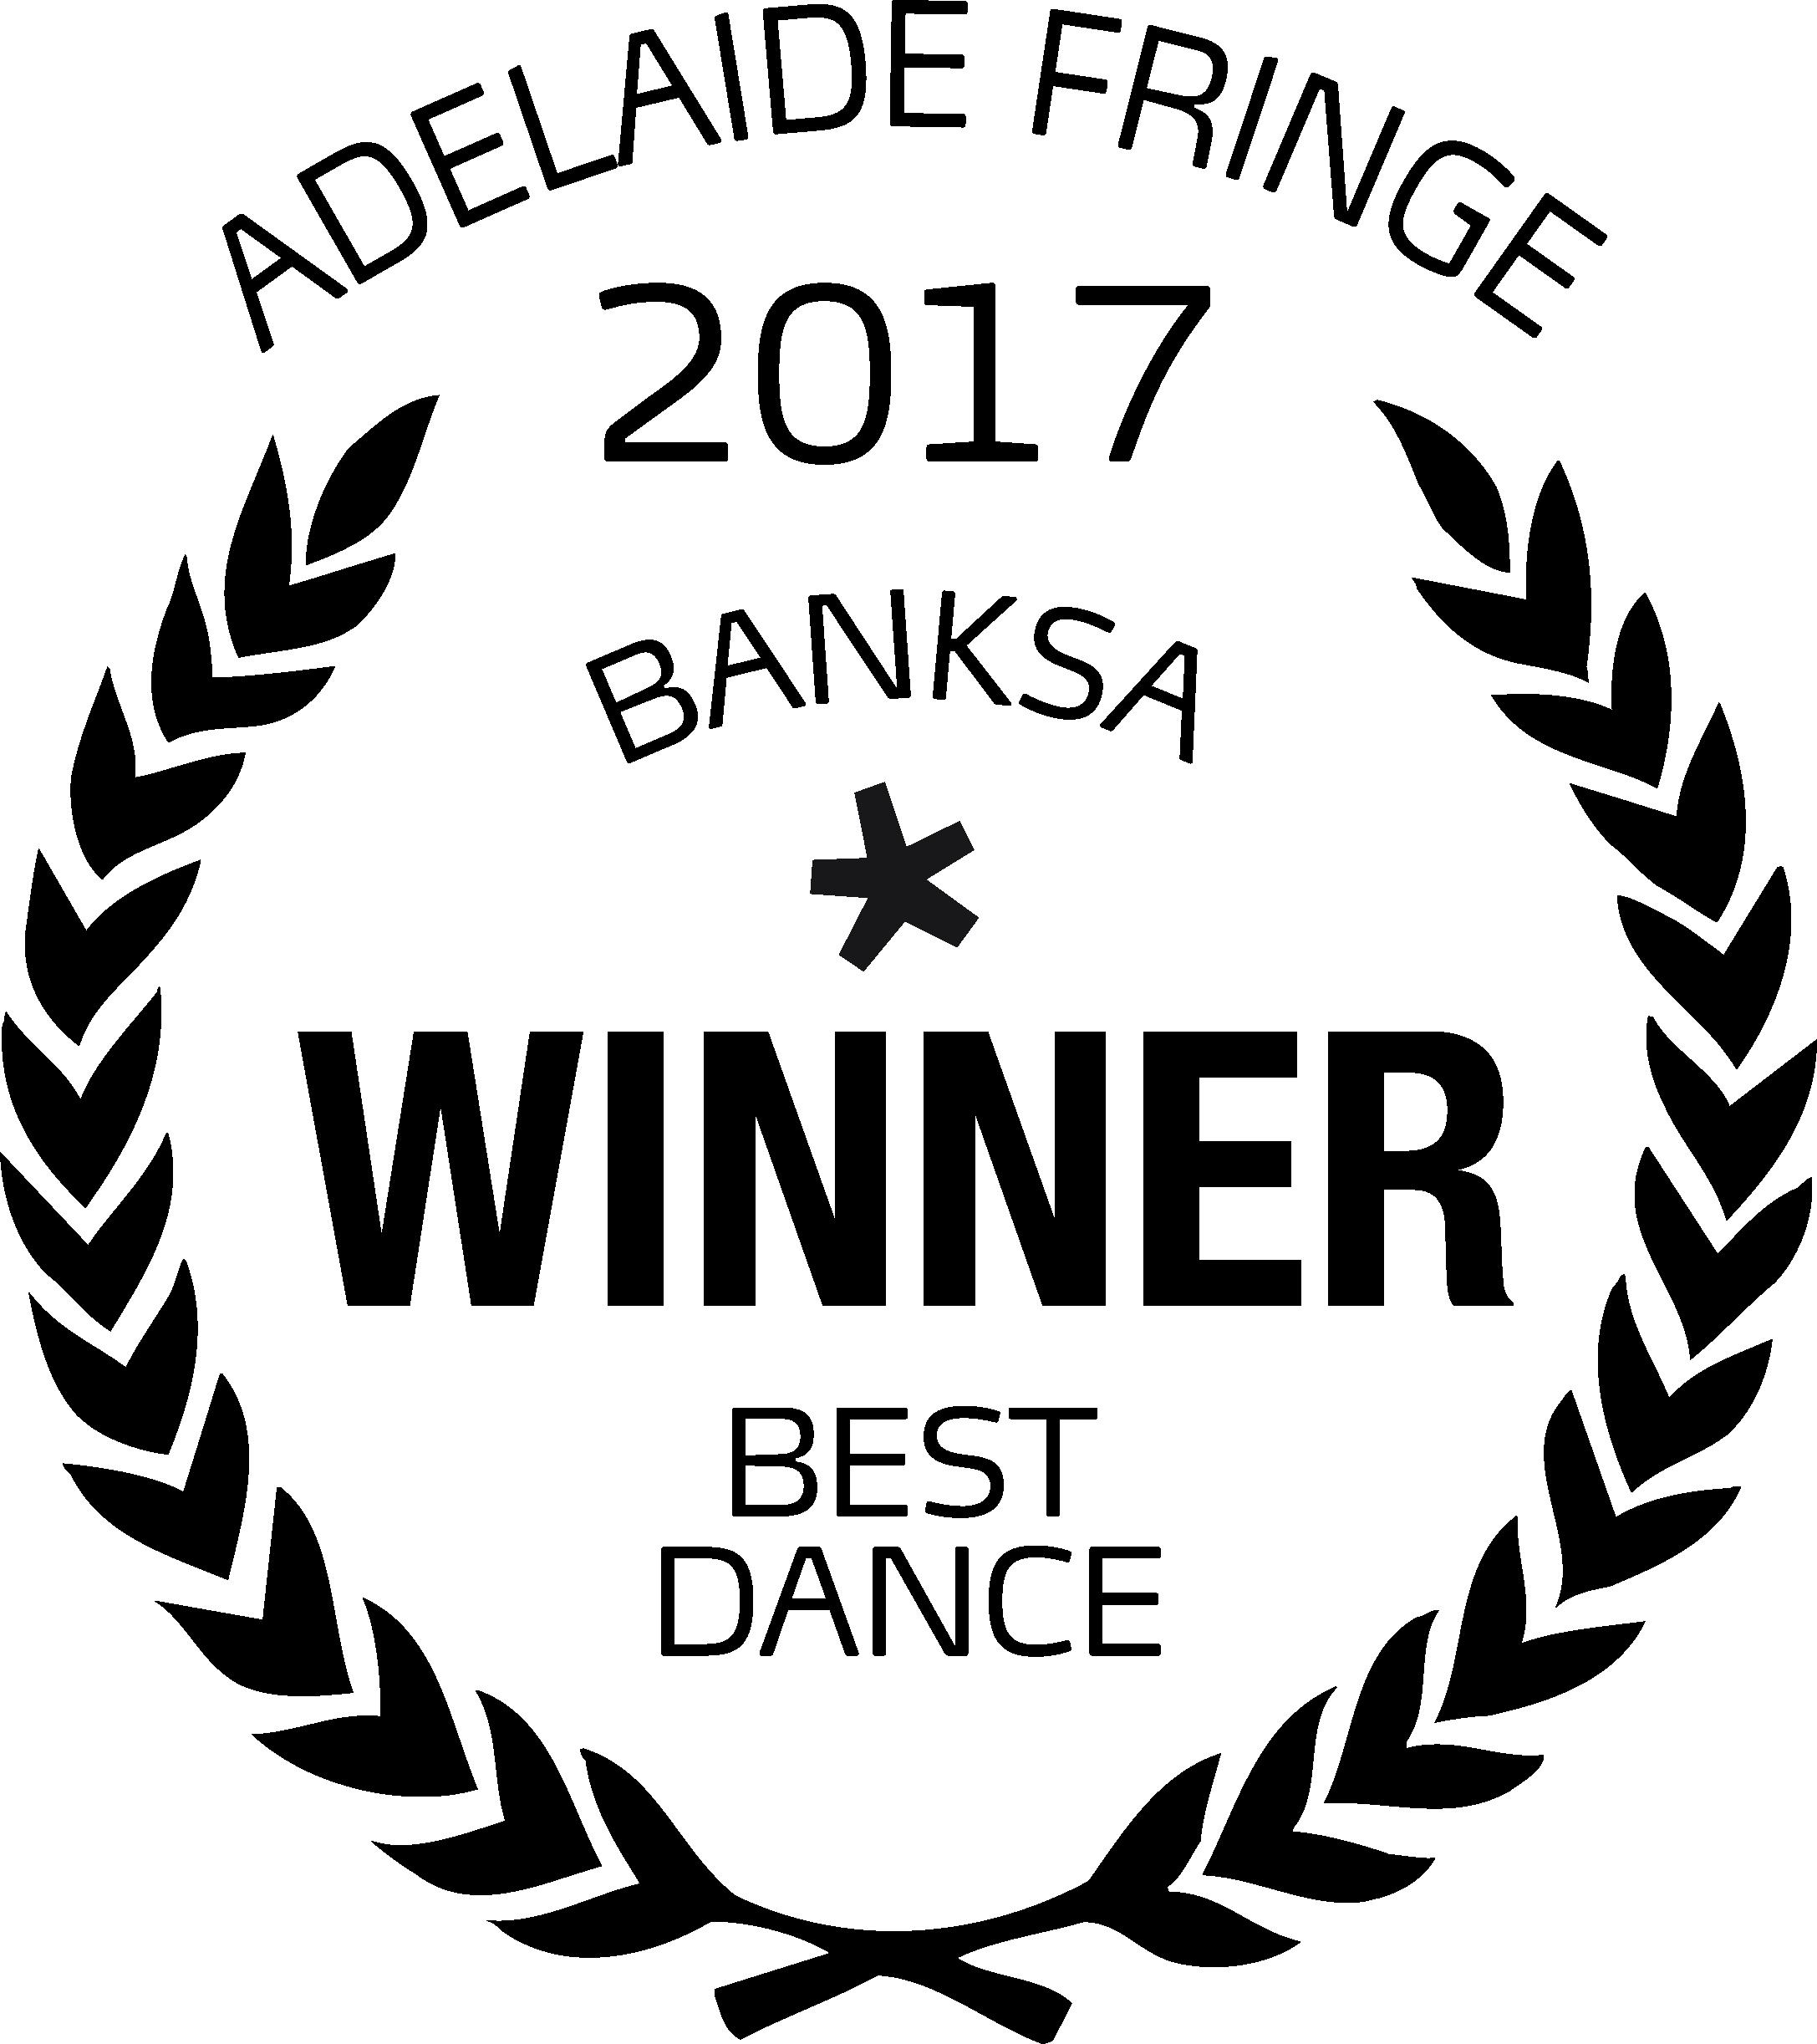 AF WIN BEST DANCE.png